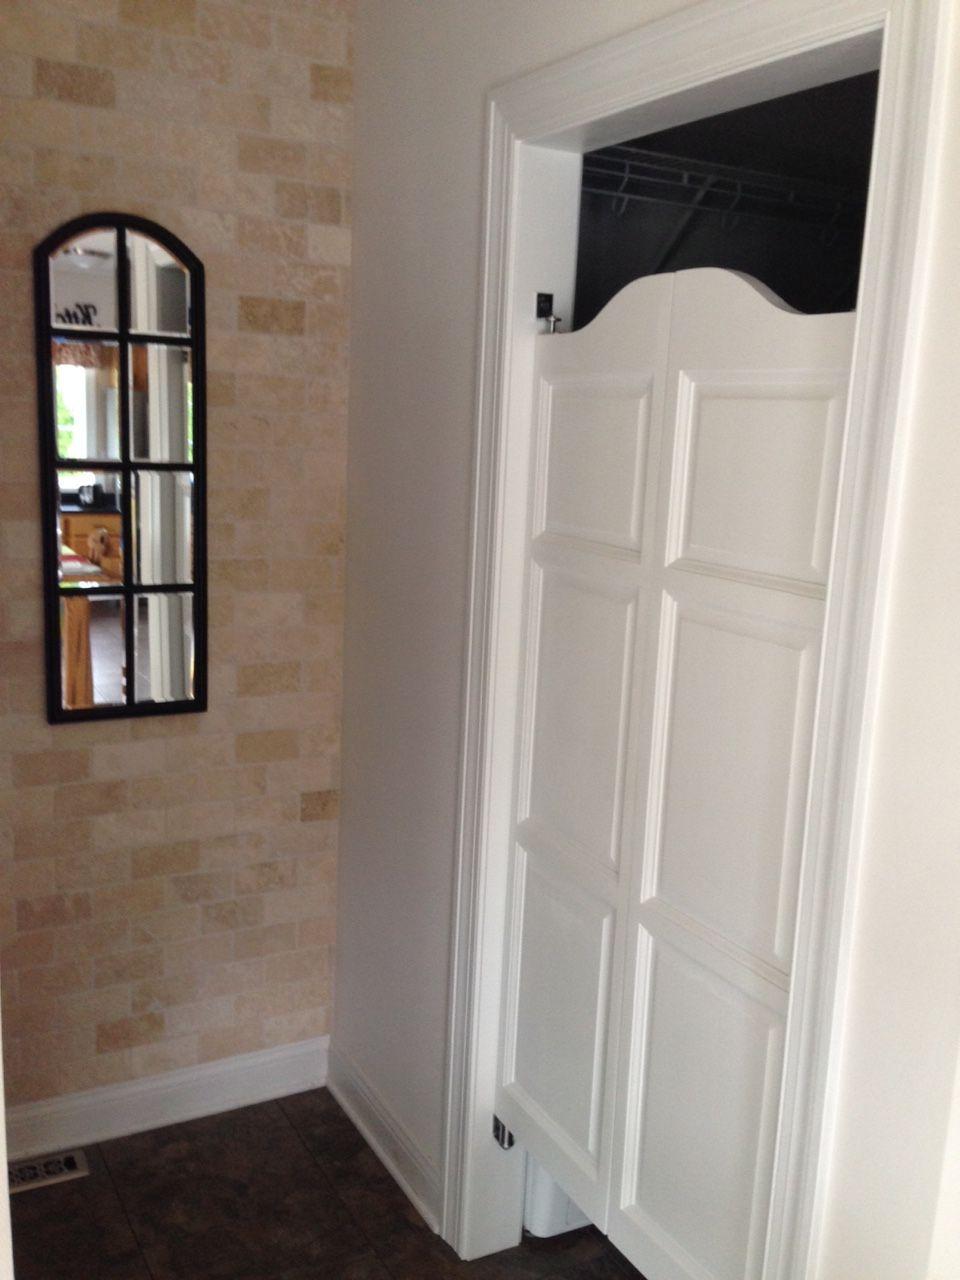 Img 2799 Jpg Pantry Pinterest Doors Swinging Doors